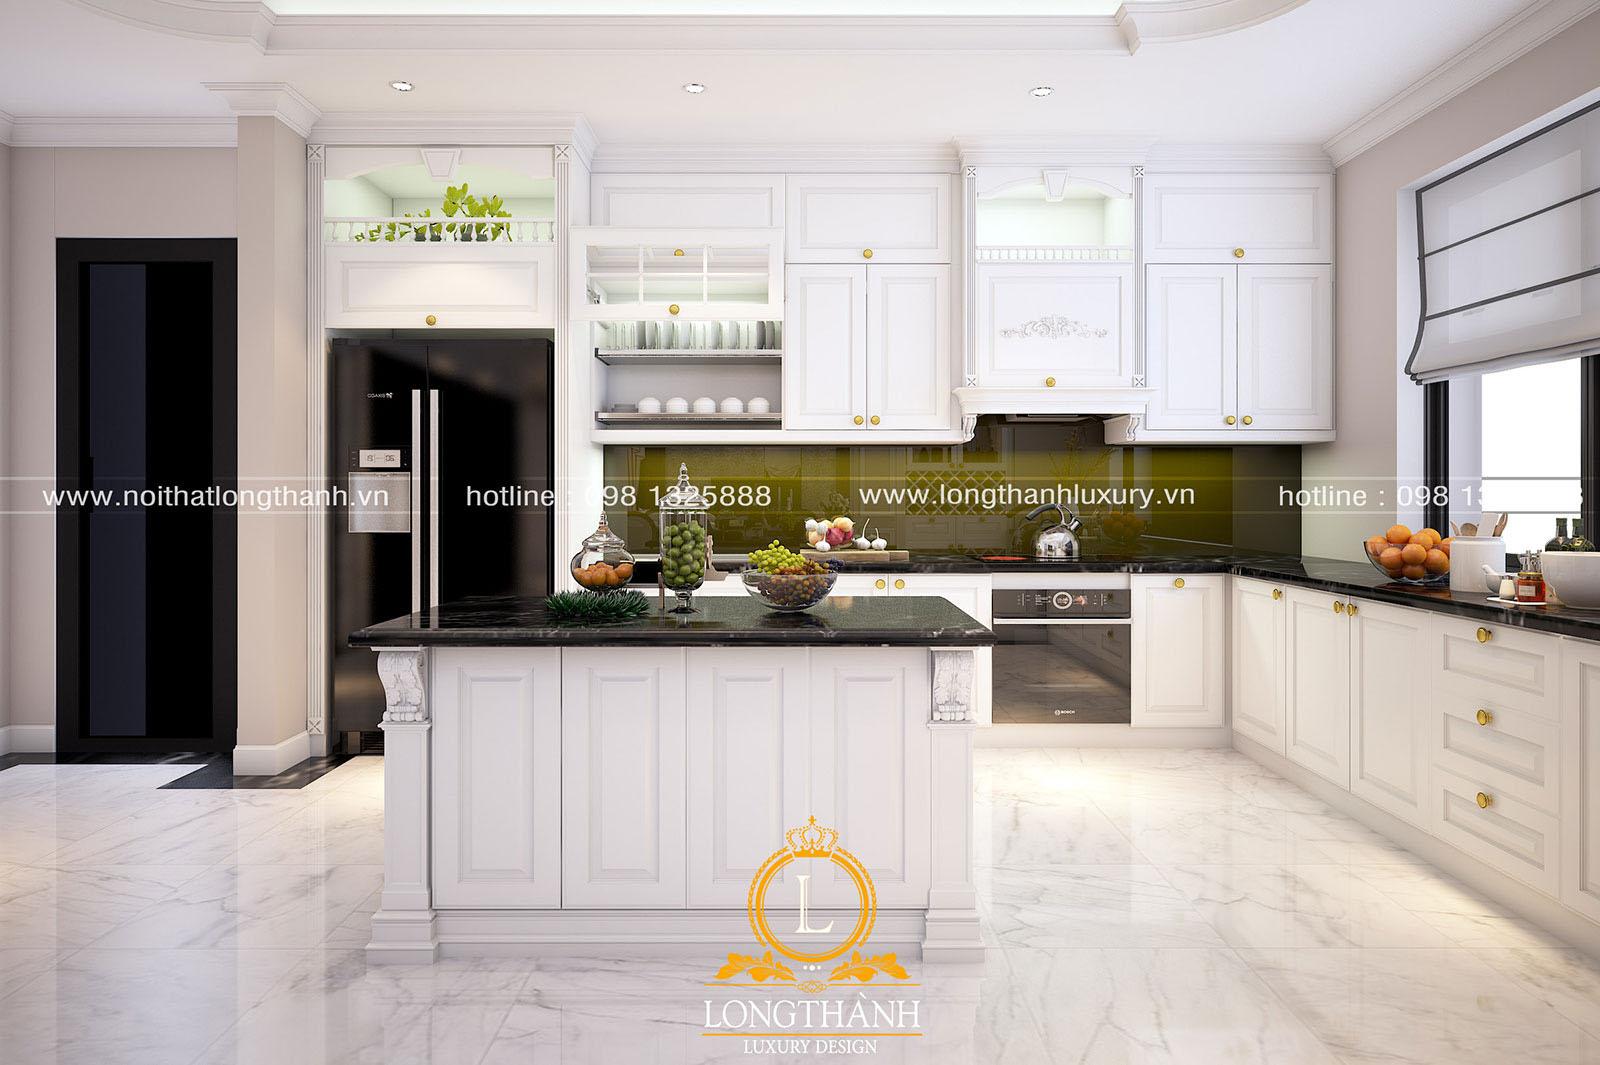 Tủ bếp gỗ tự nhiên sơn trắng đẹp LT 63 góc nhìn thứ 2